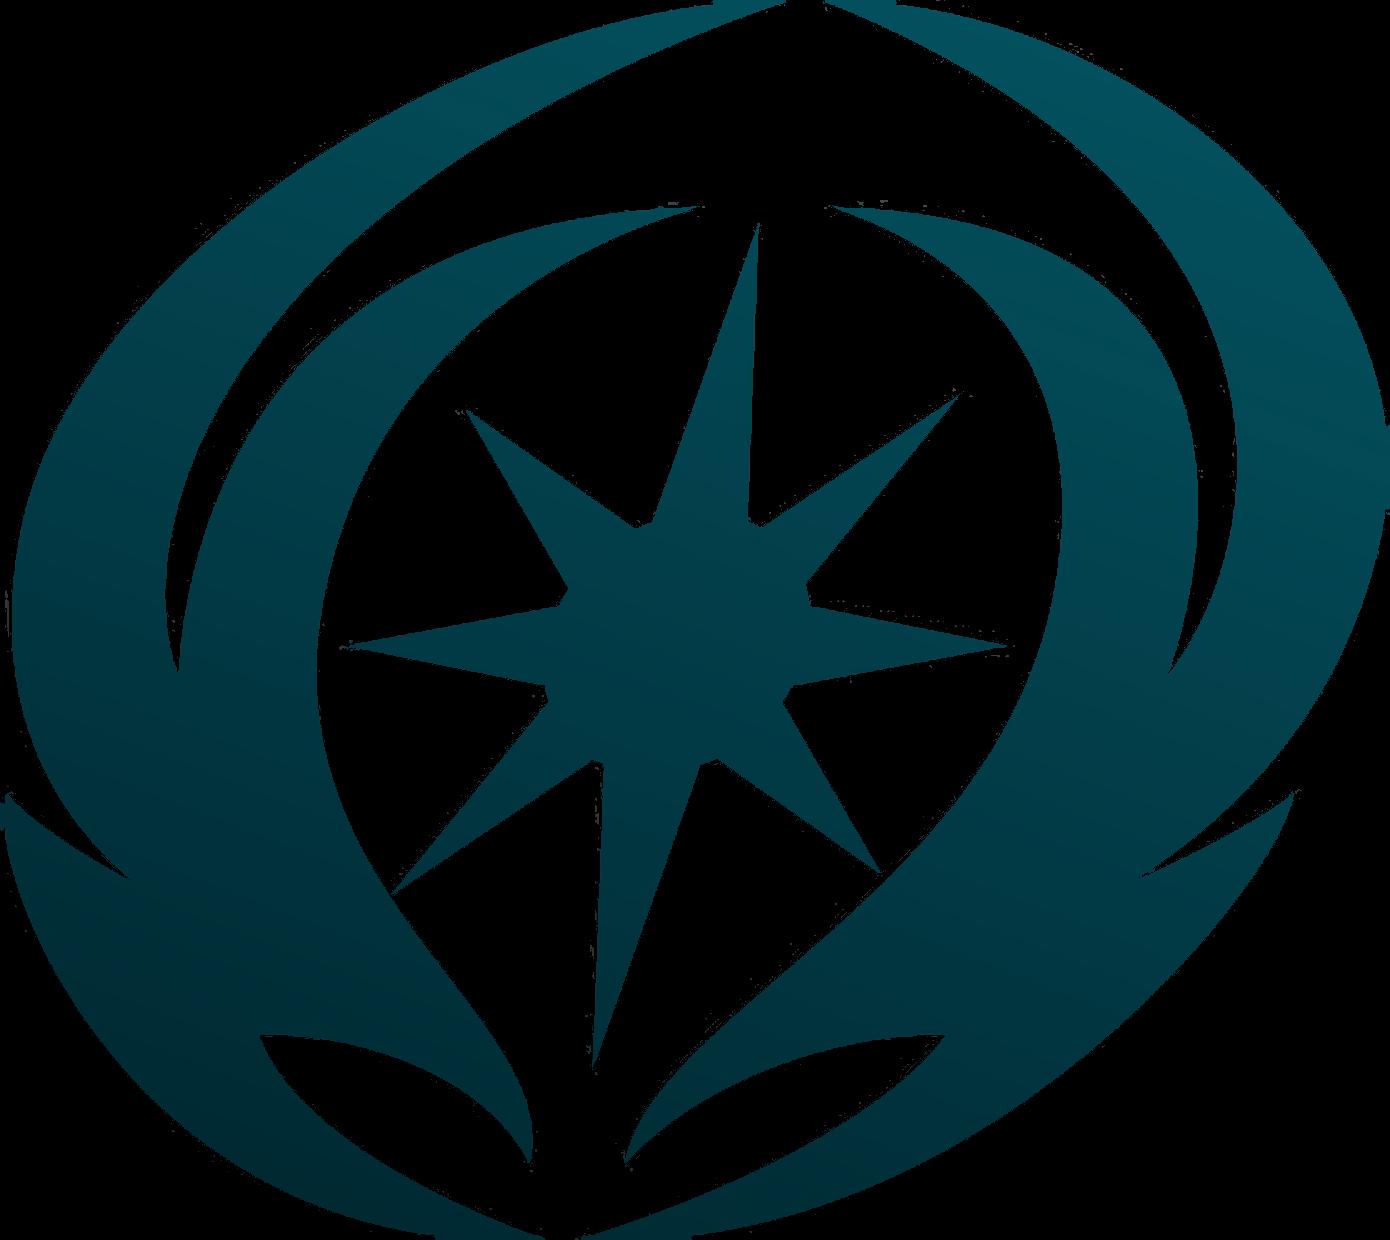 Valla fire emblem wiki fandom powered by wikia fates revelation logo buycottarizona